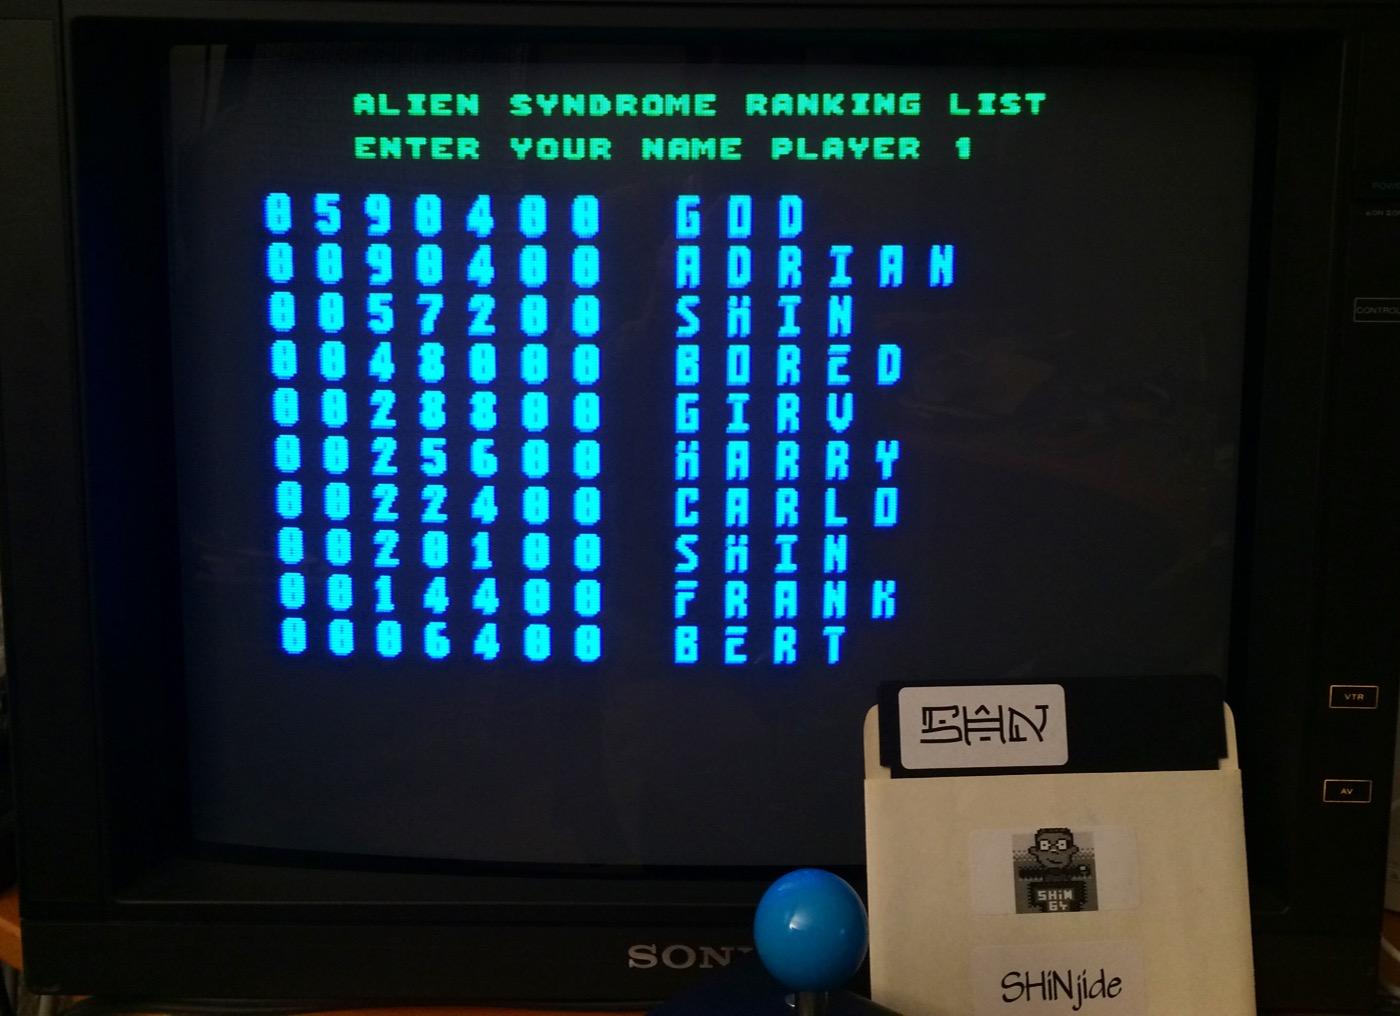 SHiNjide: Alien Syndrome (Amiga) 57,200 points on 2014-09-24 18:12:38